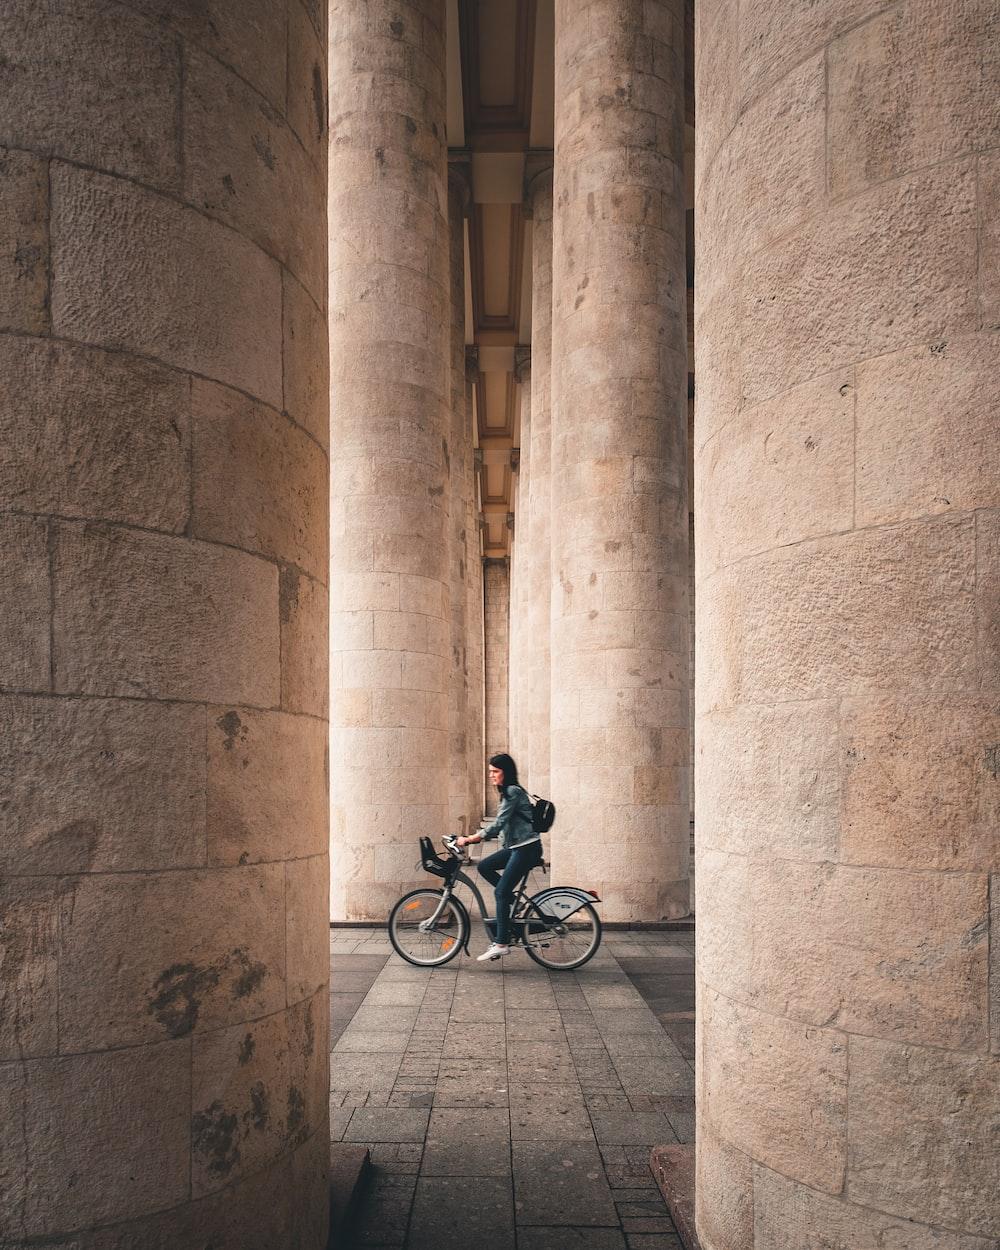 woman biking inside building